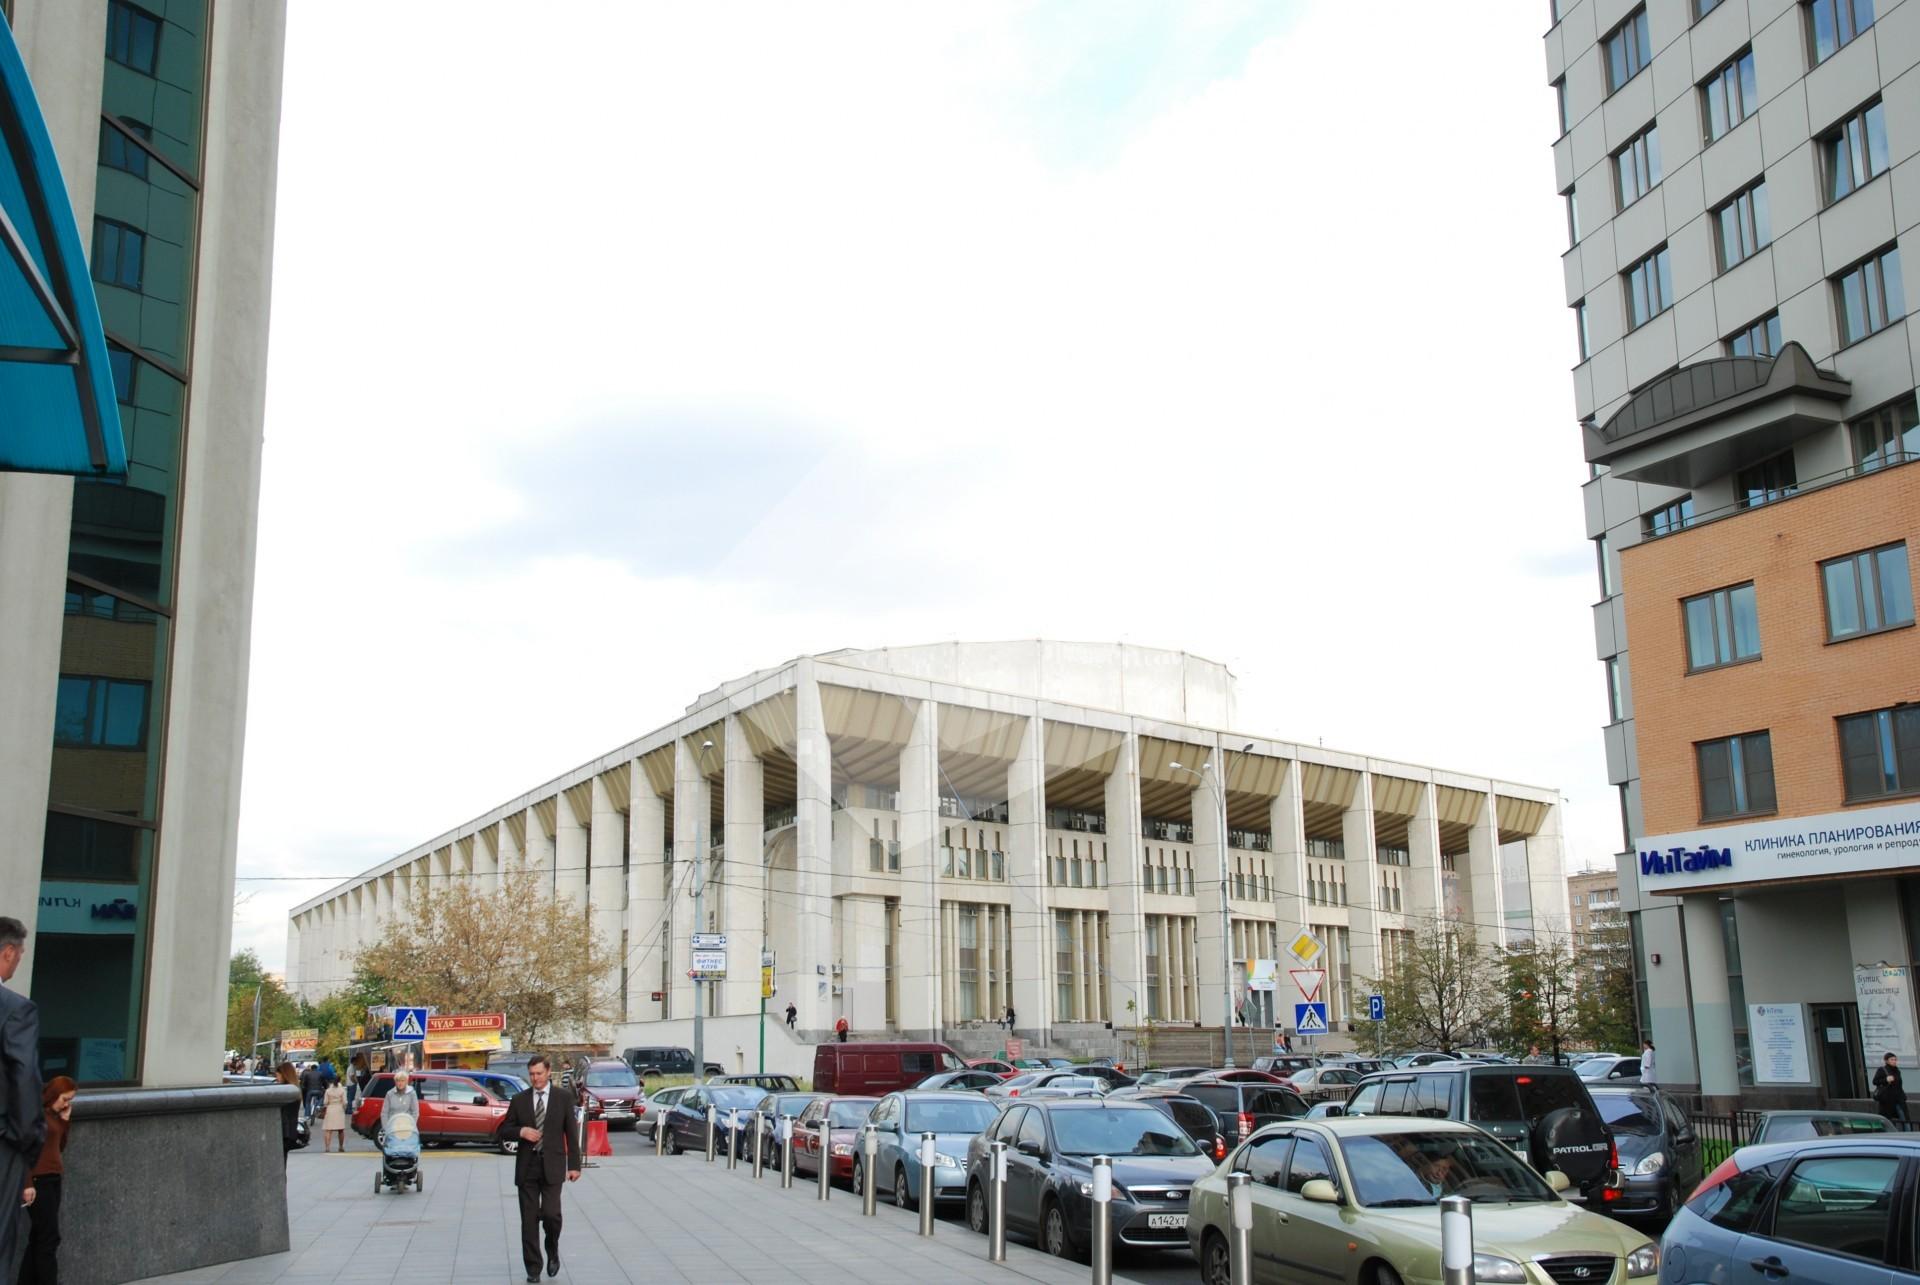 Помещение для персонала Комсомольский проспект аренда коммерческой недвижимости в соколе